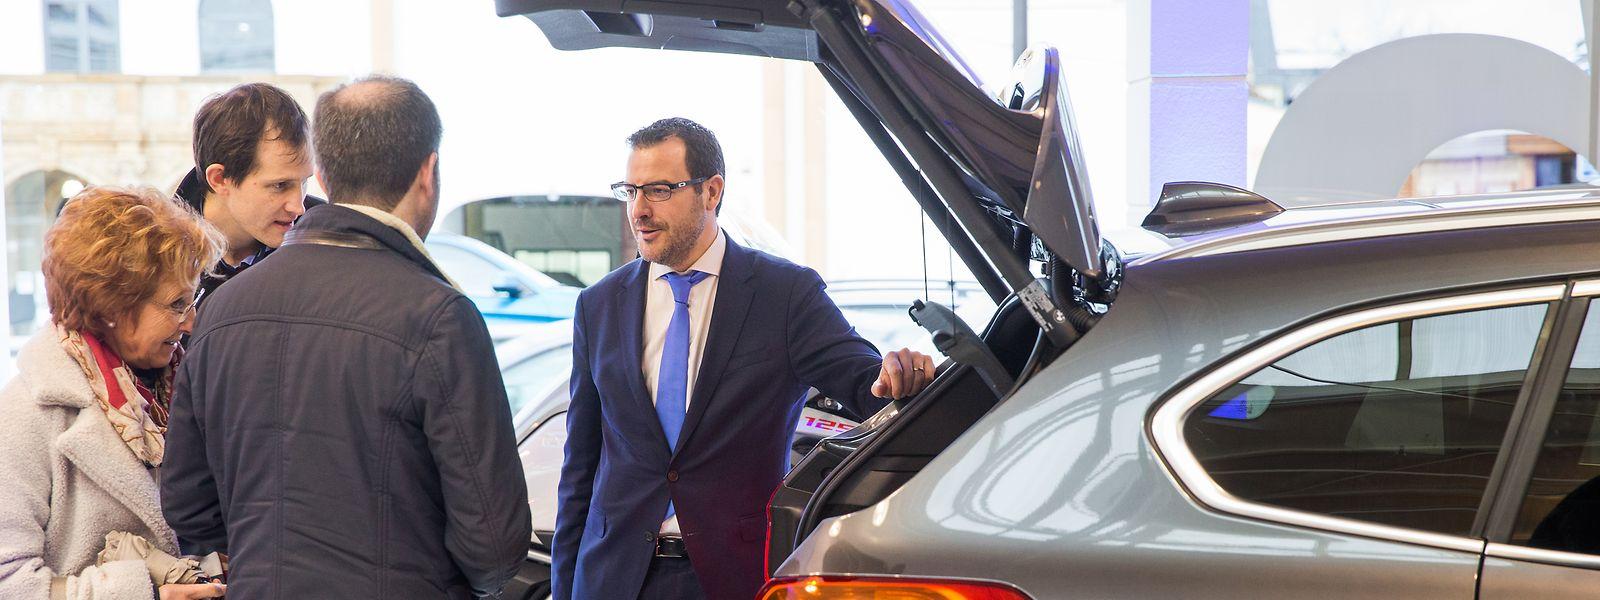 Les SUV et les véhicules tout-terrain ont le vent en poupe au Grand-Duché, impactant la facture des ménages et l'environnement.